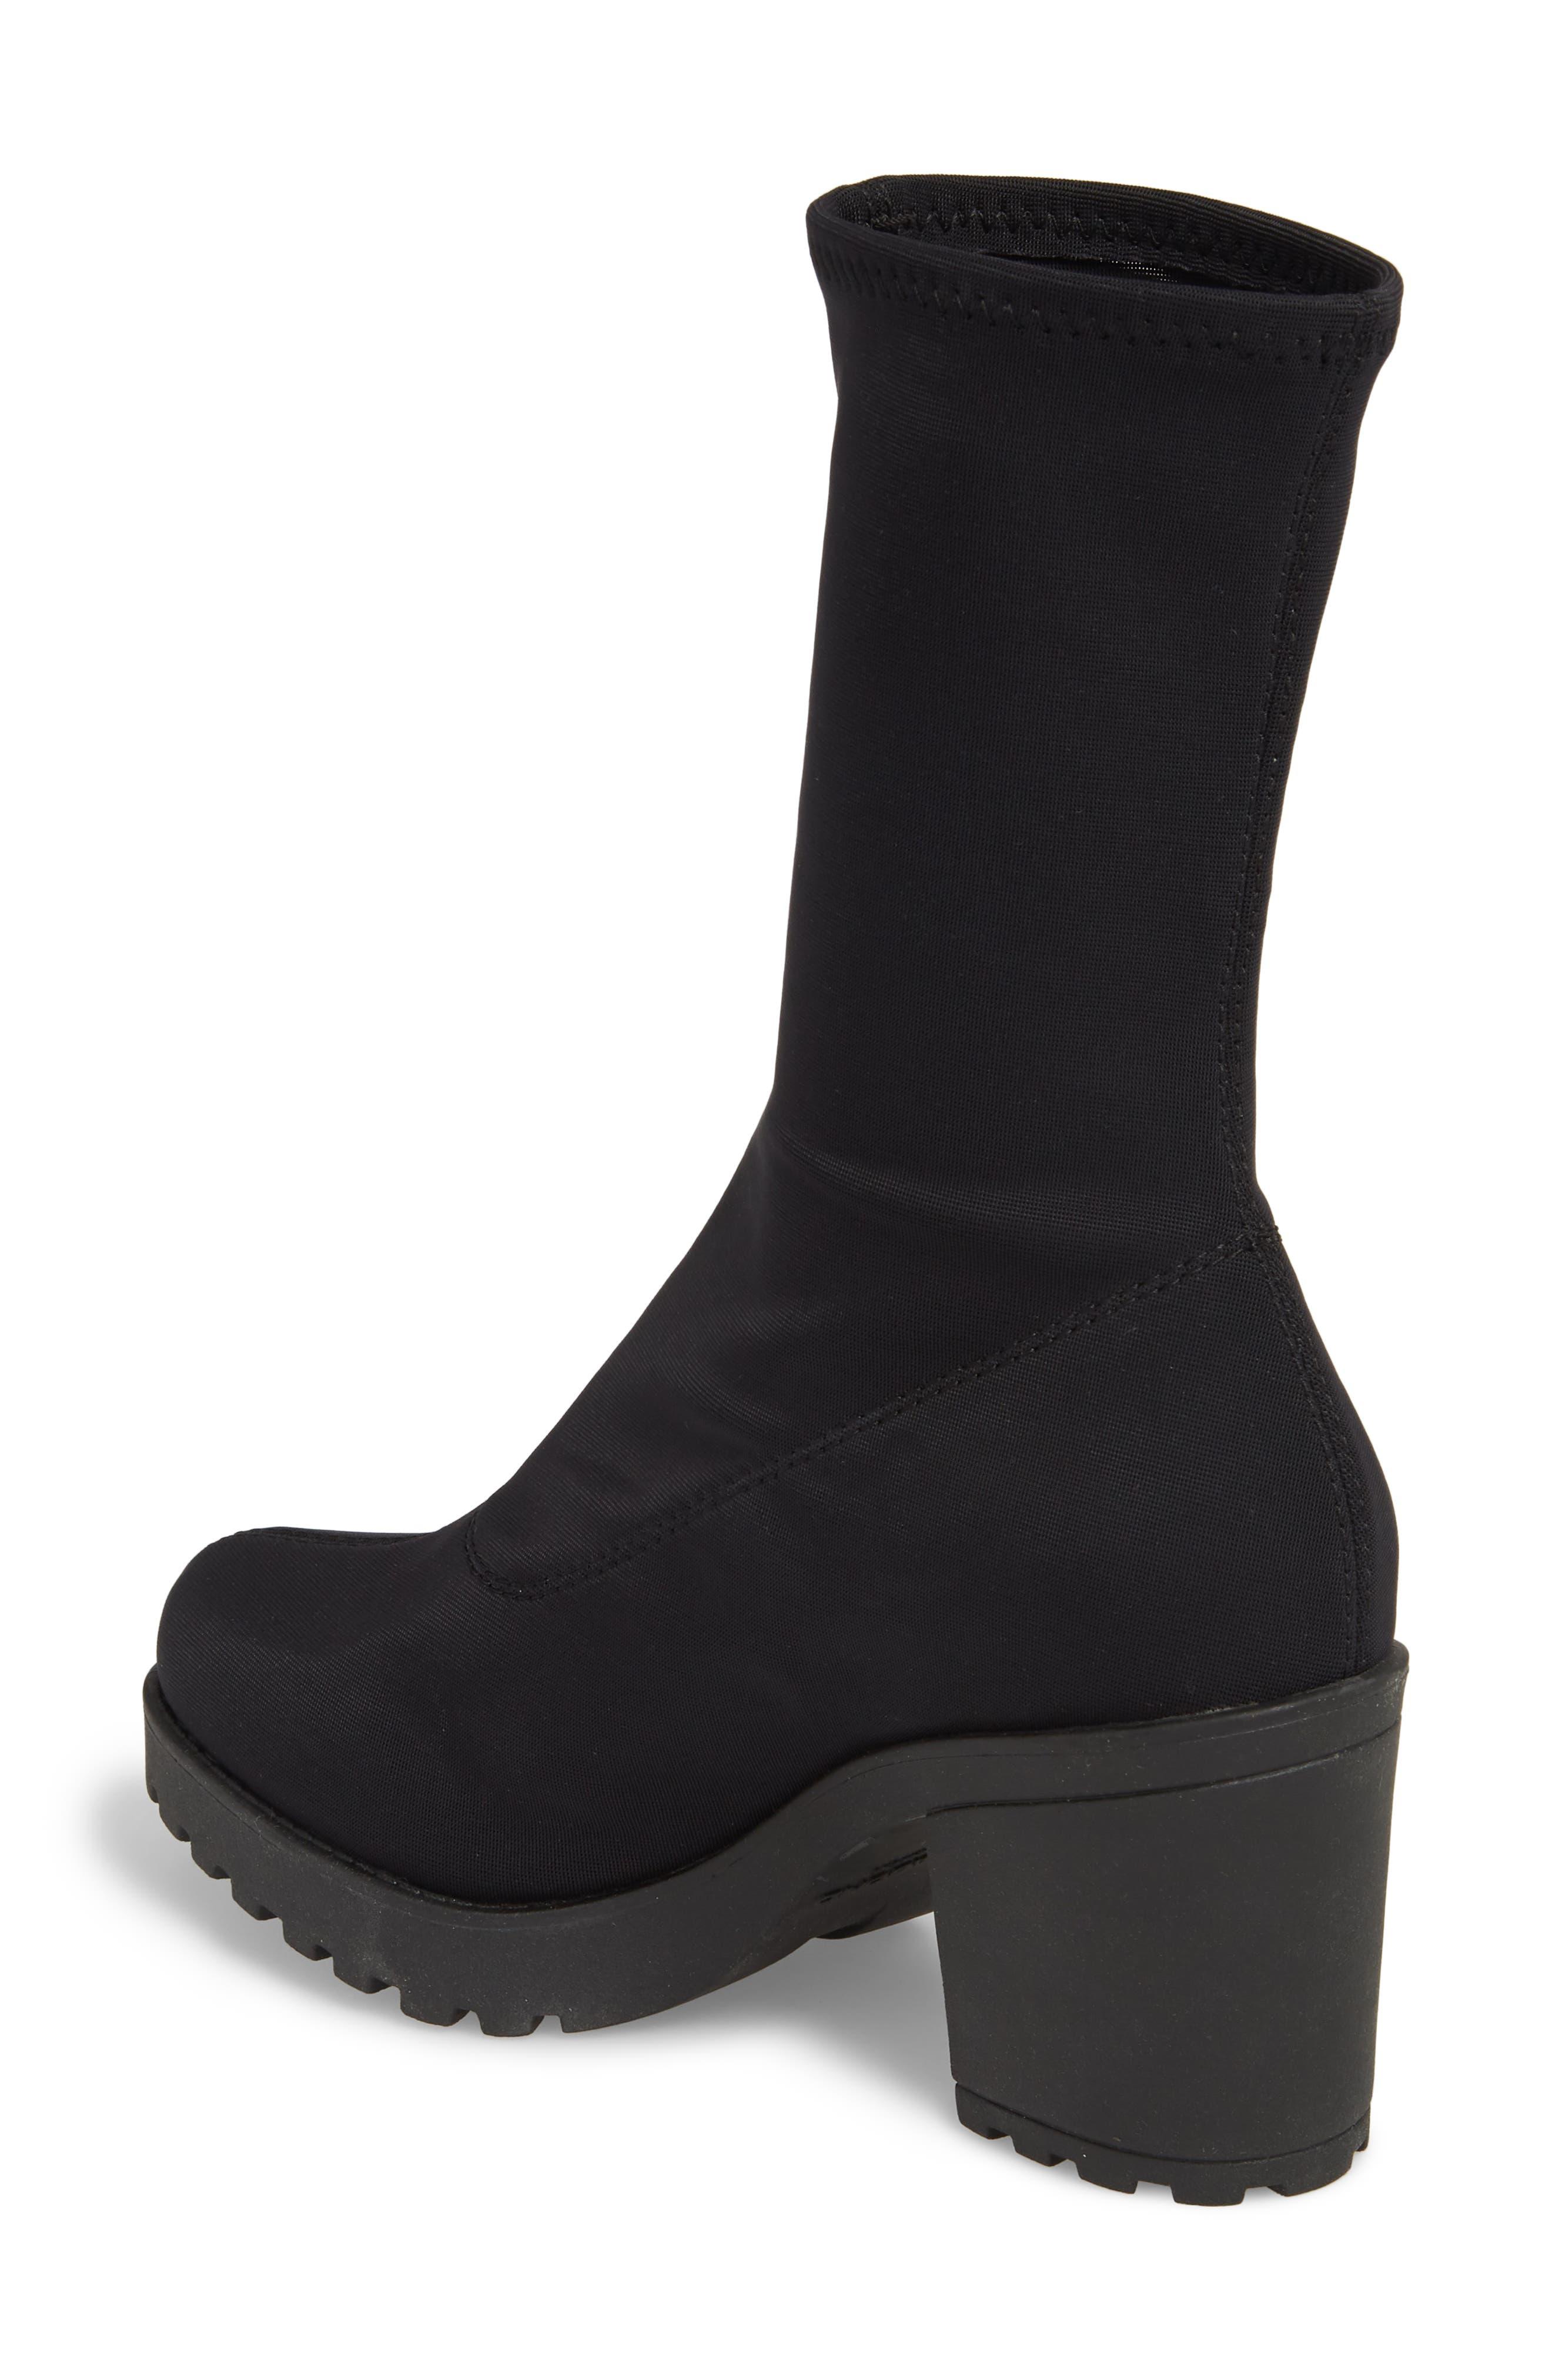 VAGABOND, Shoemakers Grace Platform Bootie, Alternate thumbnail 2, color, BLACK FABRIC